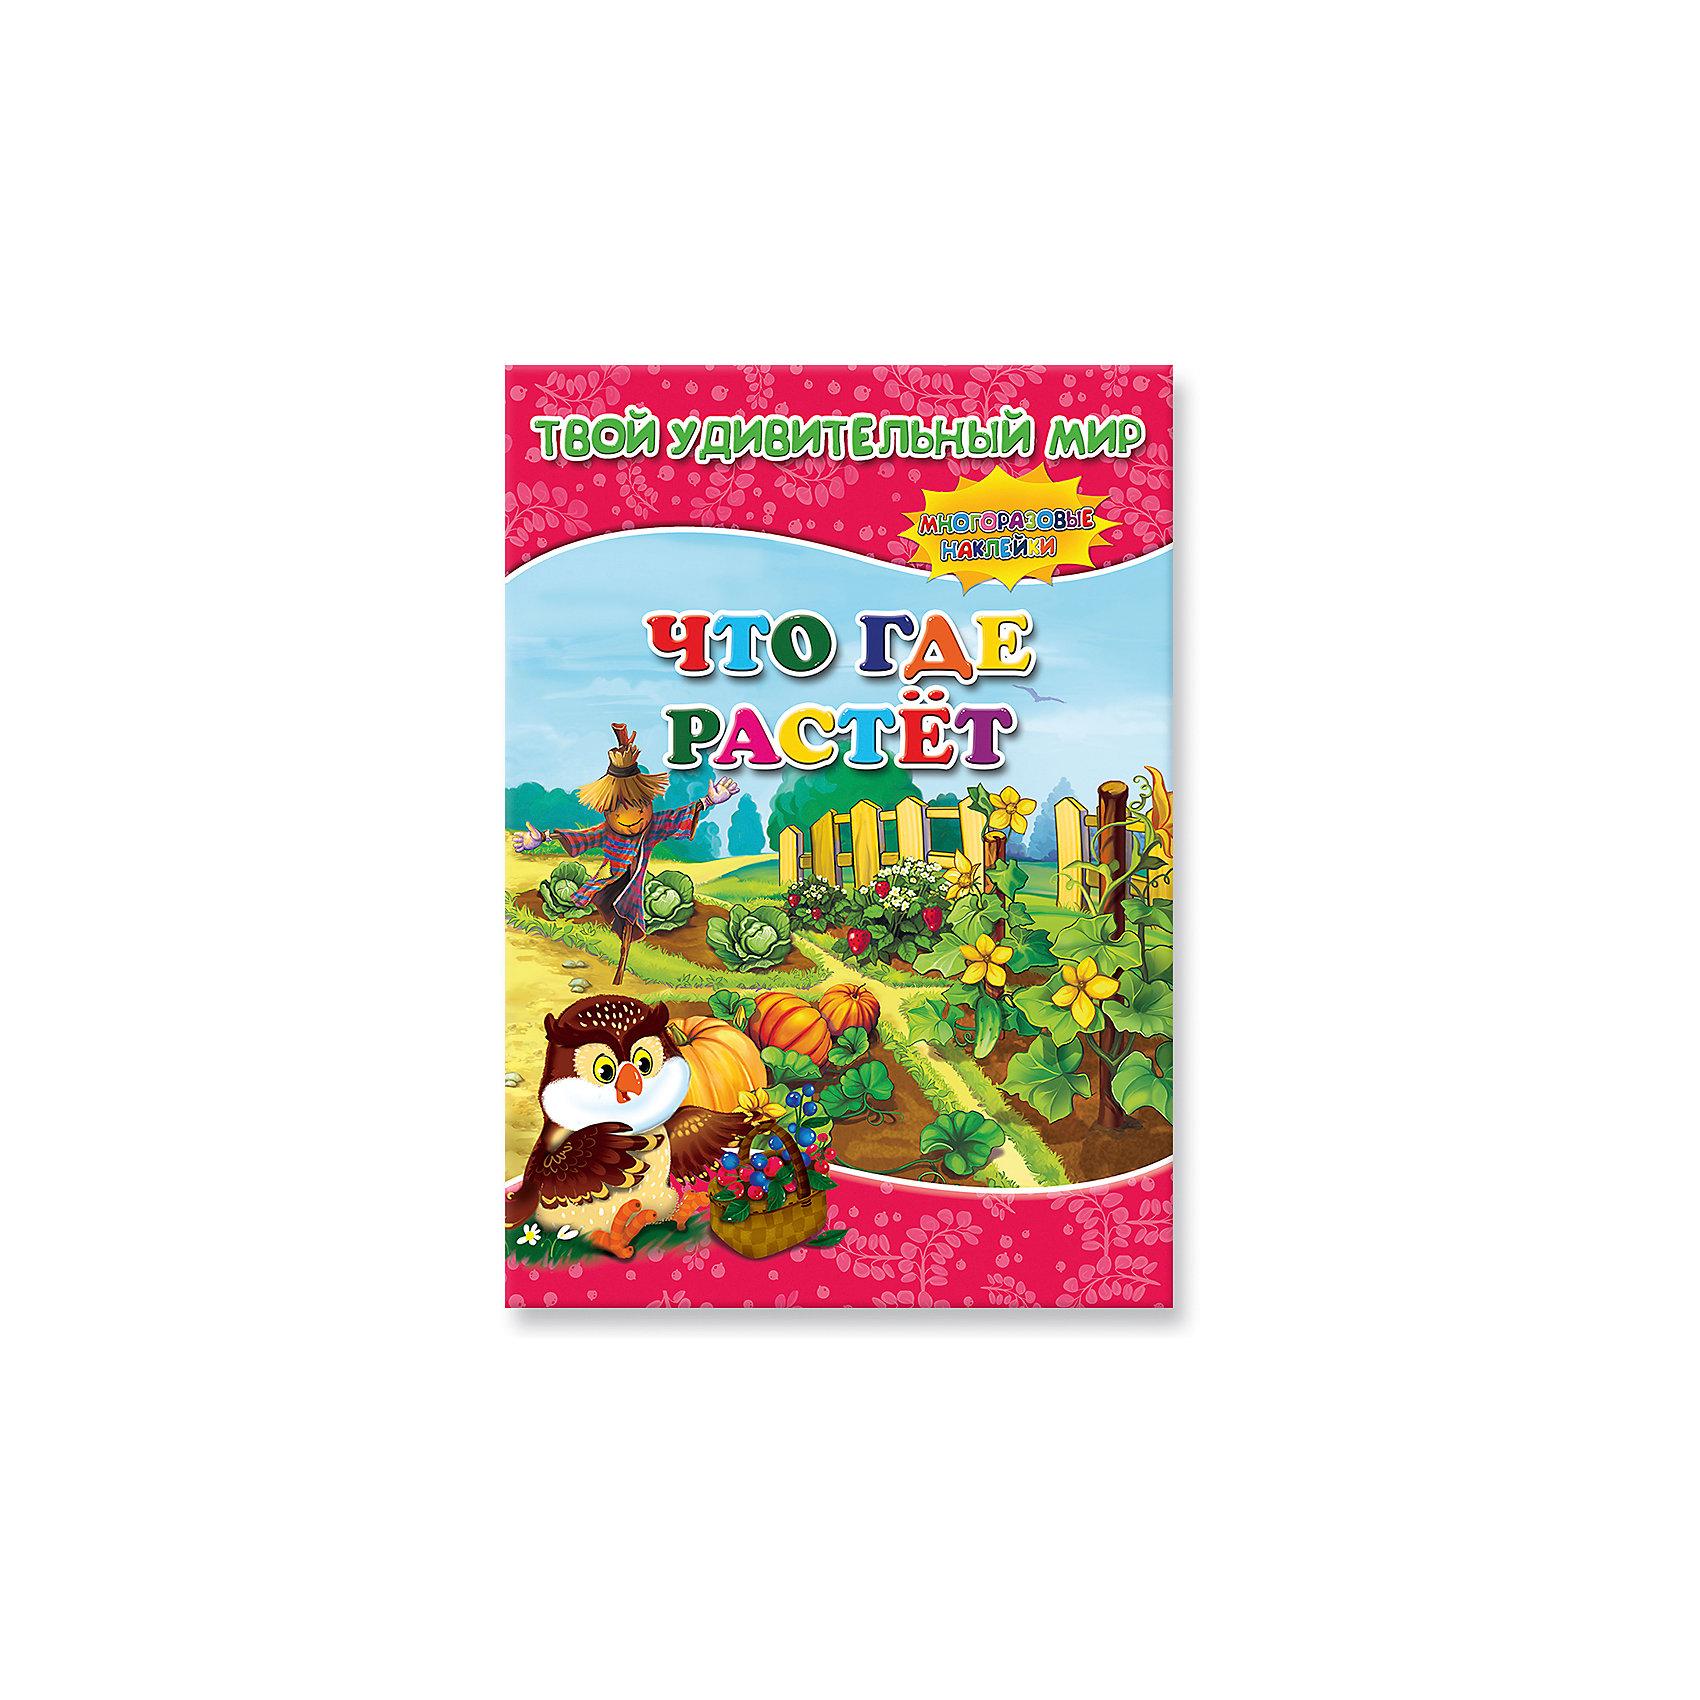 Книжка с наклейками Что где растет, Твой удивительный мирКнижки с наклейками<br>В продолжение серии «Твой удивительный мир» для детей от 3 лет вышла новая яркая книжка с наклейками. Ваш ребенок, играя, узнает, где растут ягоды и грибы, фрукты и экзотические растения. Подсказки внизу страницы помогут вашему малышу выбрать нужные картинки и наклеить на любое понравившееся место. Мягкий переплет.<br><br>Ширина мм: 215<br>Глубина мм: 297<br>Высота мм: 3<br>Вес г: 110<br>Возраст от месяцев: 36<br>Возраст до месяцев: 84<br>Пол: Унисекс<br>Возраст: Детский<br>SKU: 5423042